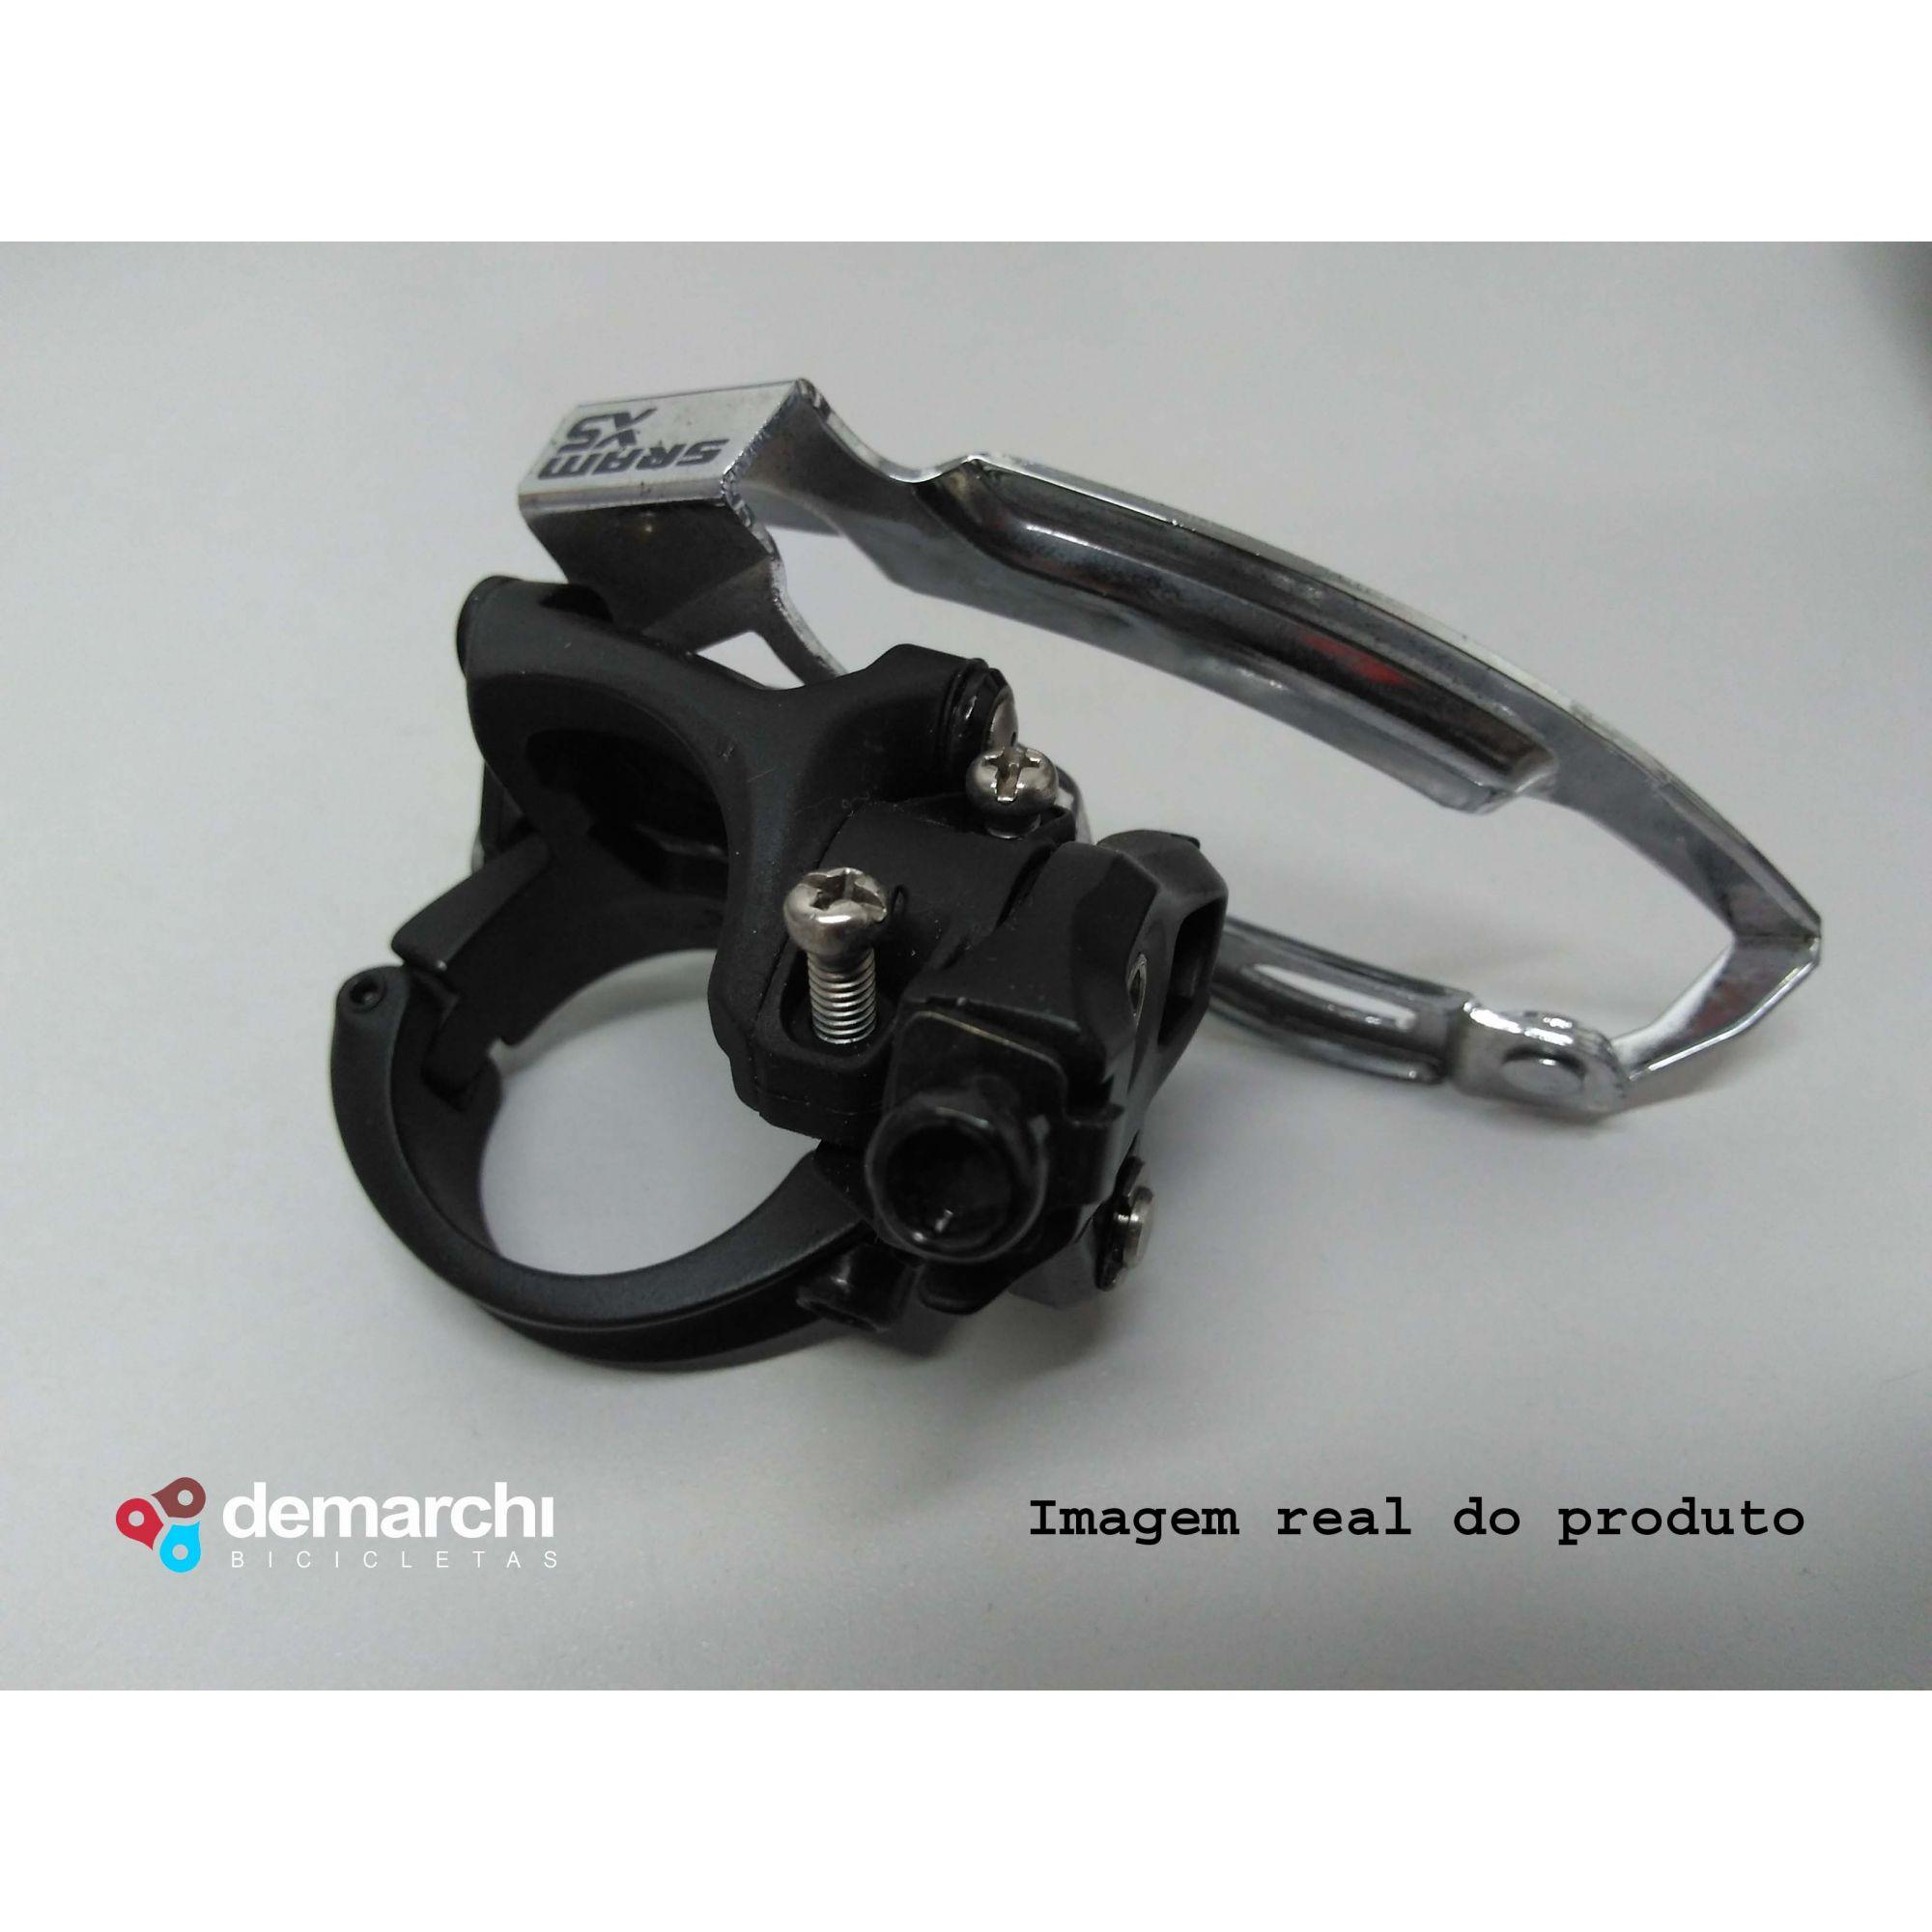 CAMBIO DIANTEIRO SRAM X5 3X10 34.9mm DUAL PULL(Semi-Novo)